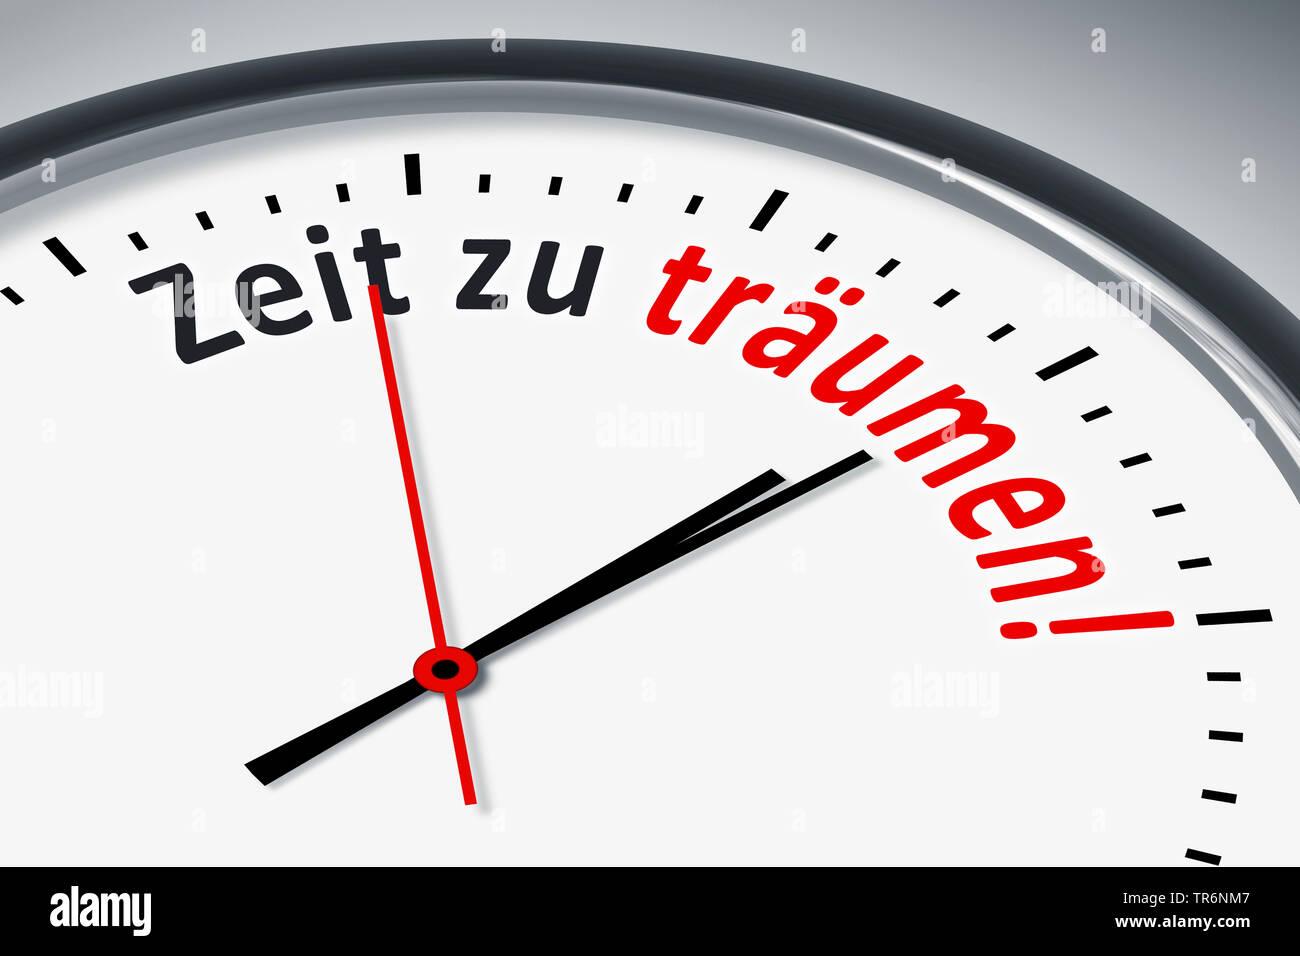 Zifferblatt; Stress; Zeitdruck; traeumen; Traum; Minute; Sekunde; uhr; zeichen; zeit; symbol; alarmsignal; alarmieren; alarm, clock face with German inscription Zeit zu traeumen, time to drea, Germany - Stock Image